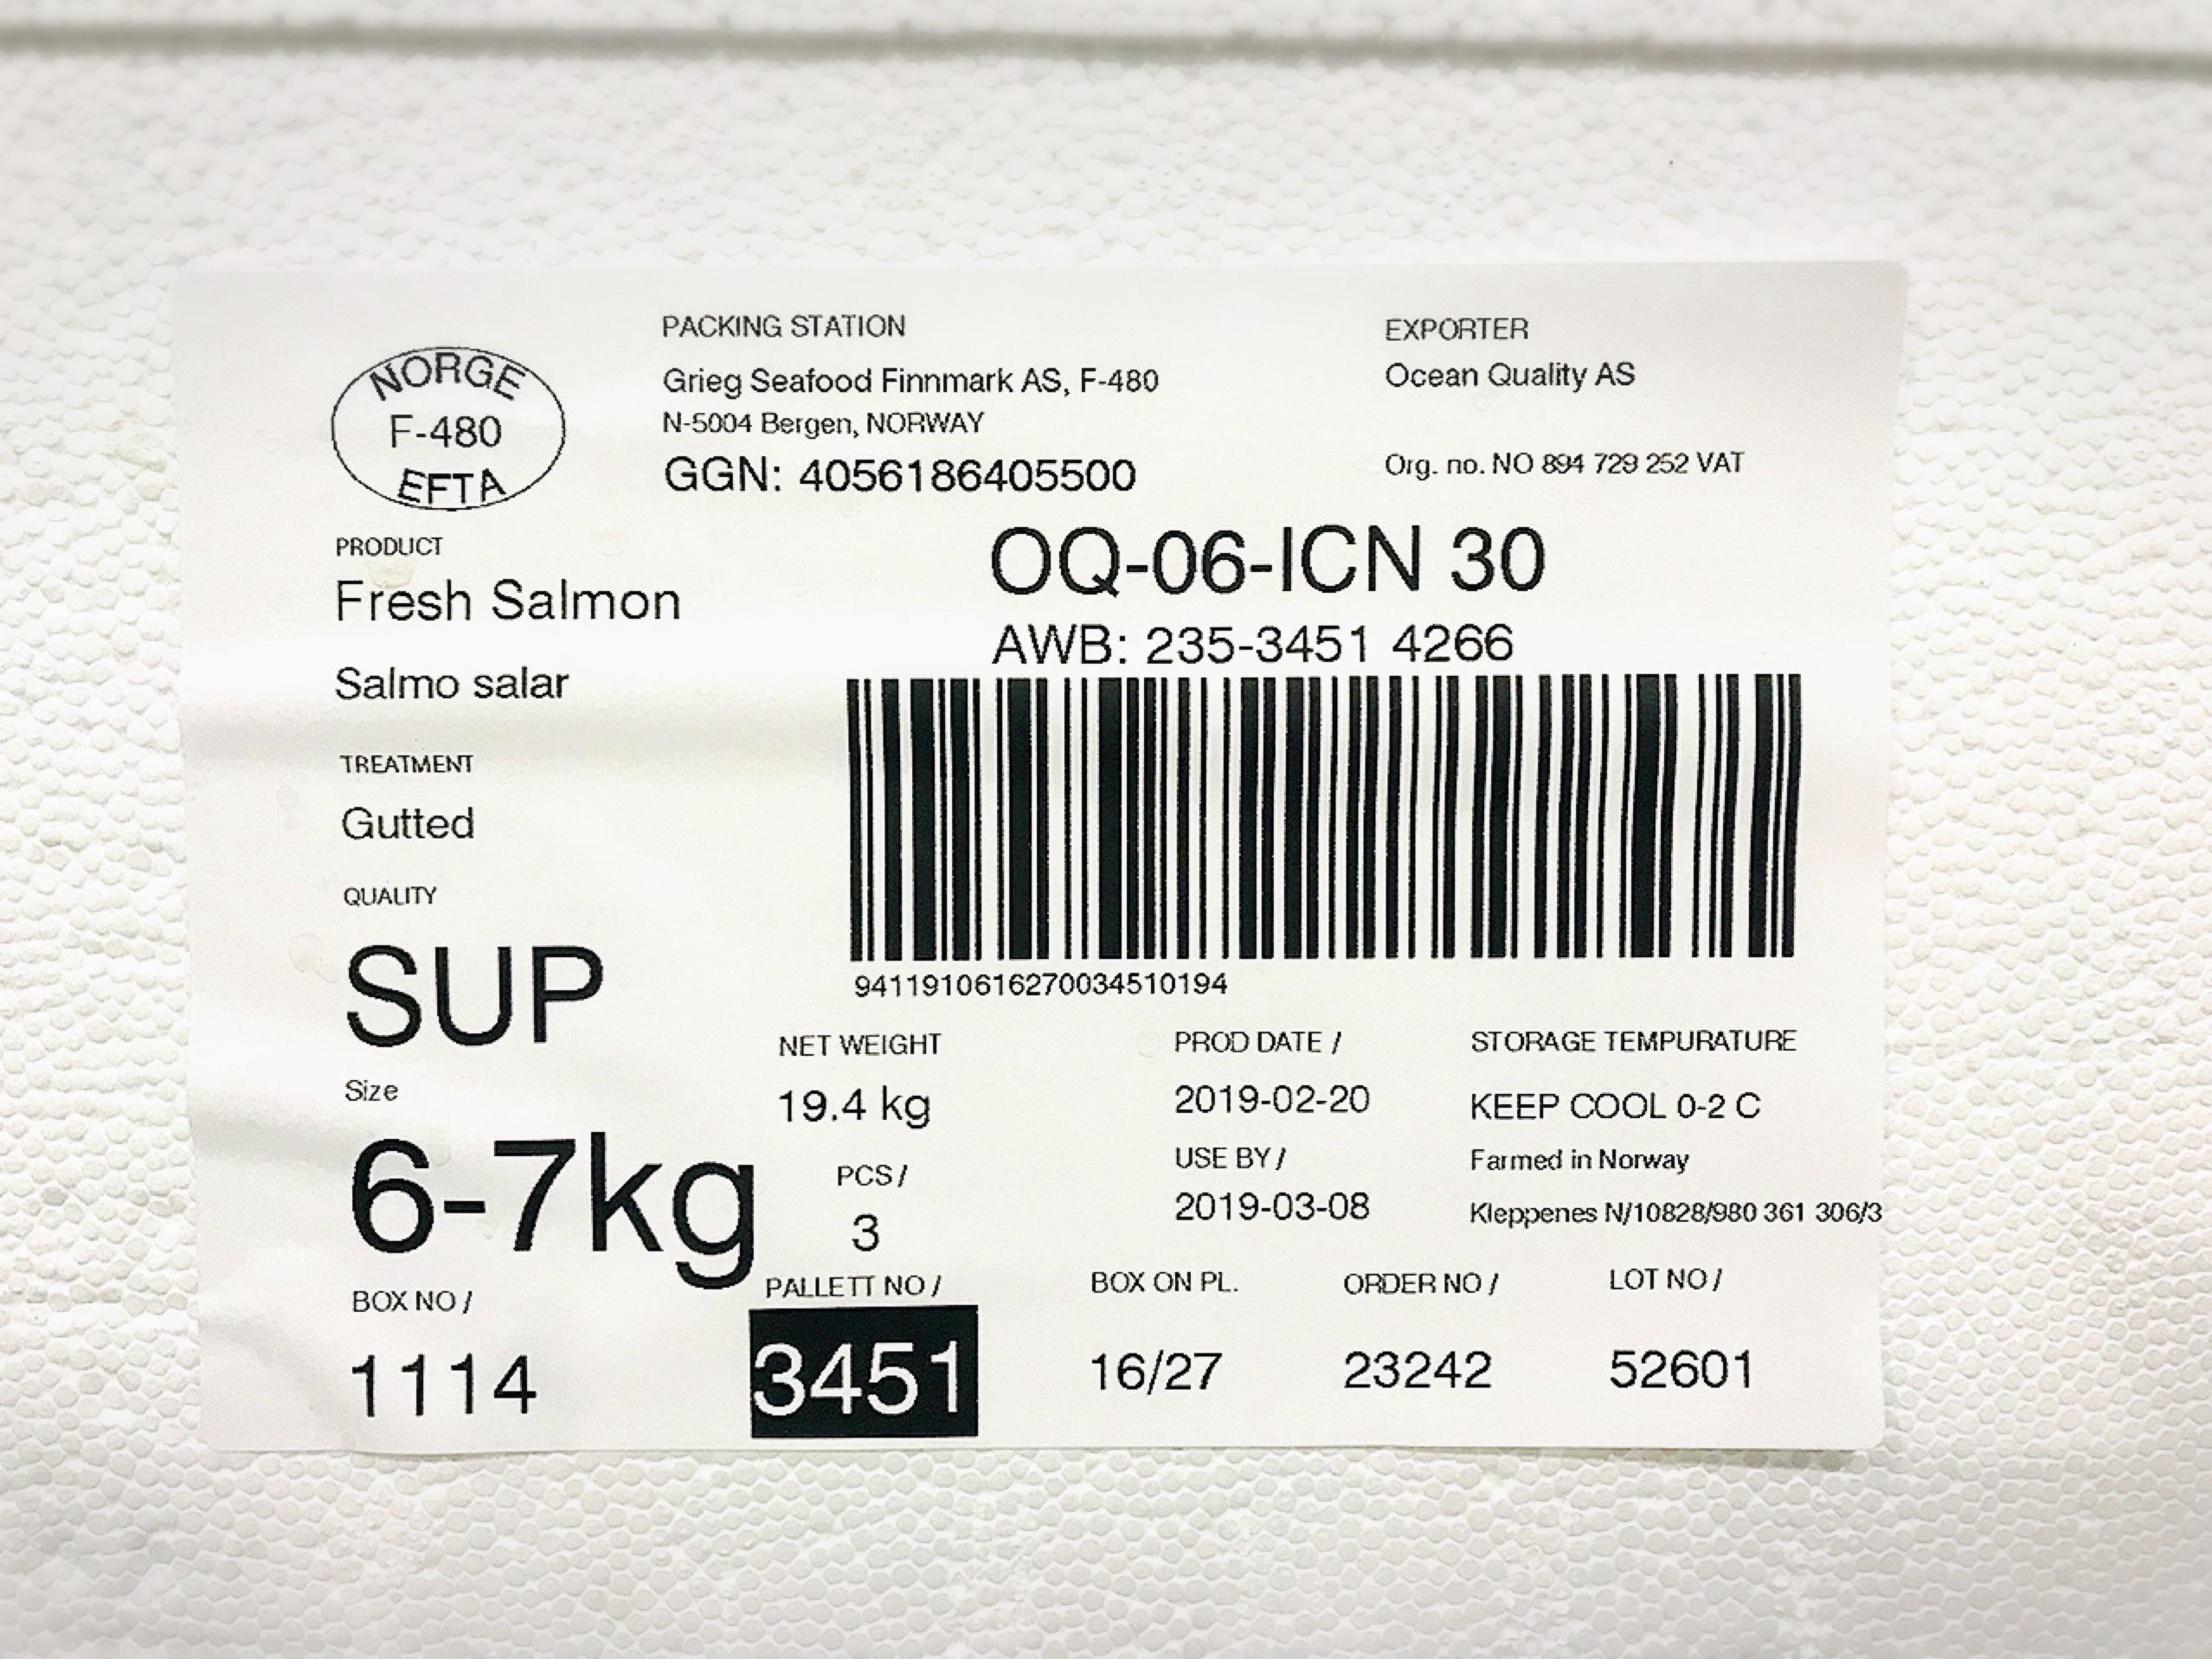 สลากติดกล่องปลาแซลมอน เพื่อบอกรายละเอียดของแซลมอน และสินค้าในกล่อง ถึงนน. วันทีผลิต และอื่นๆ